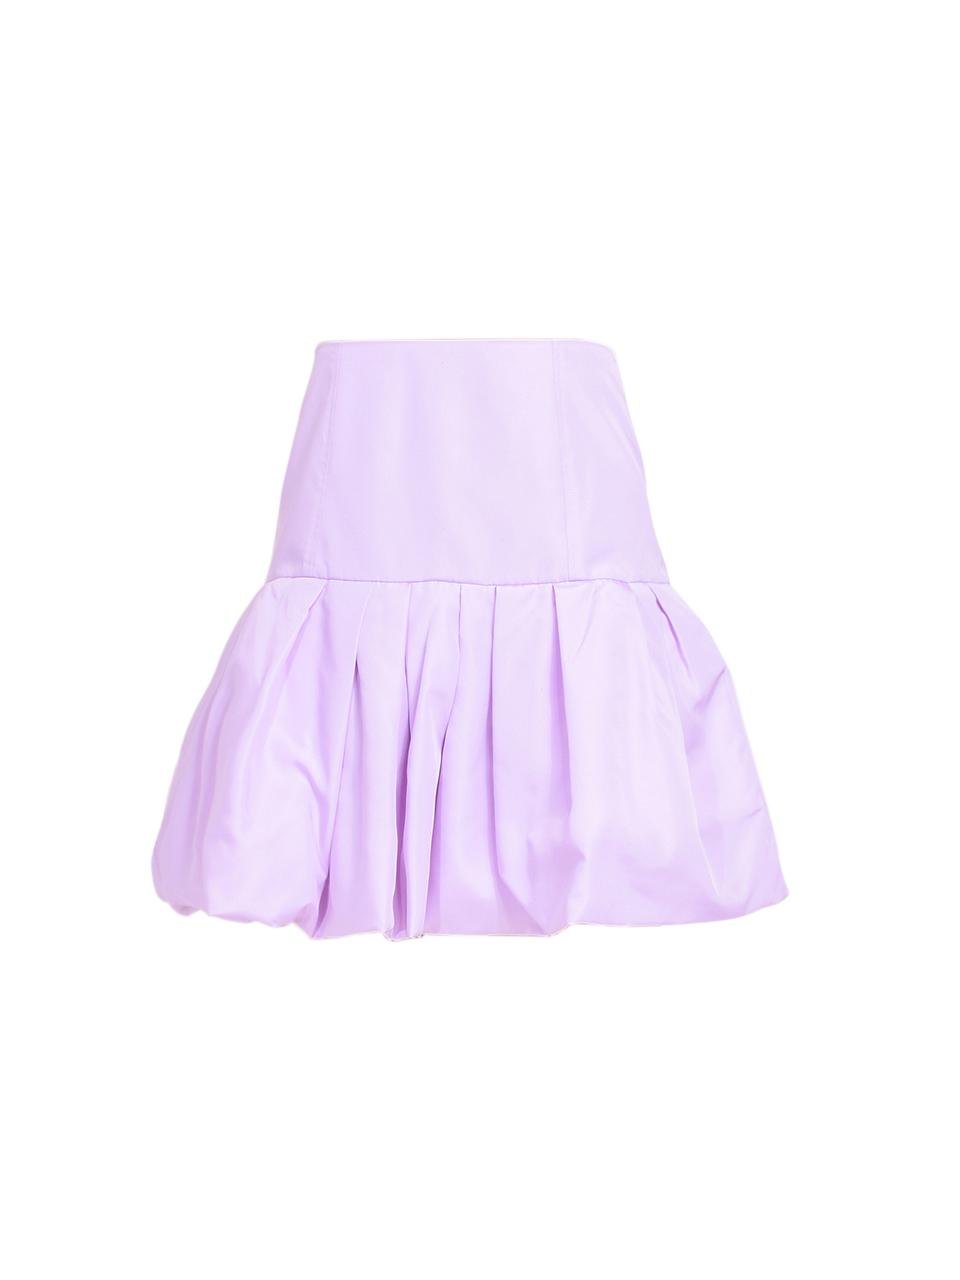 3.1 Phillip Lim Bubble Hem Taffeta Mini Skirt in Lavender Product Shot